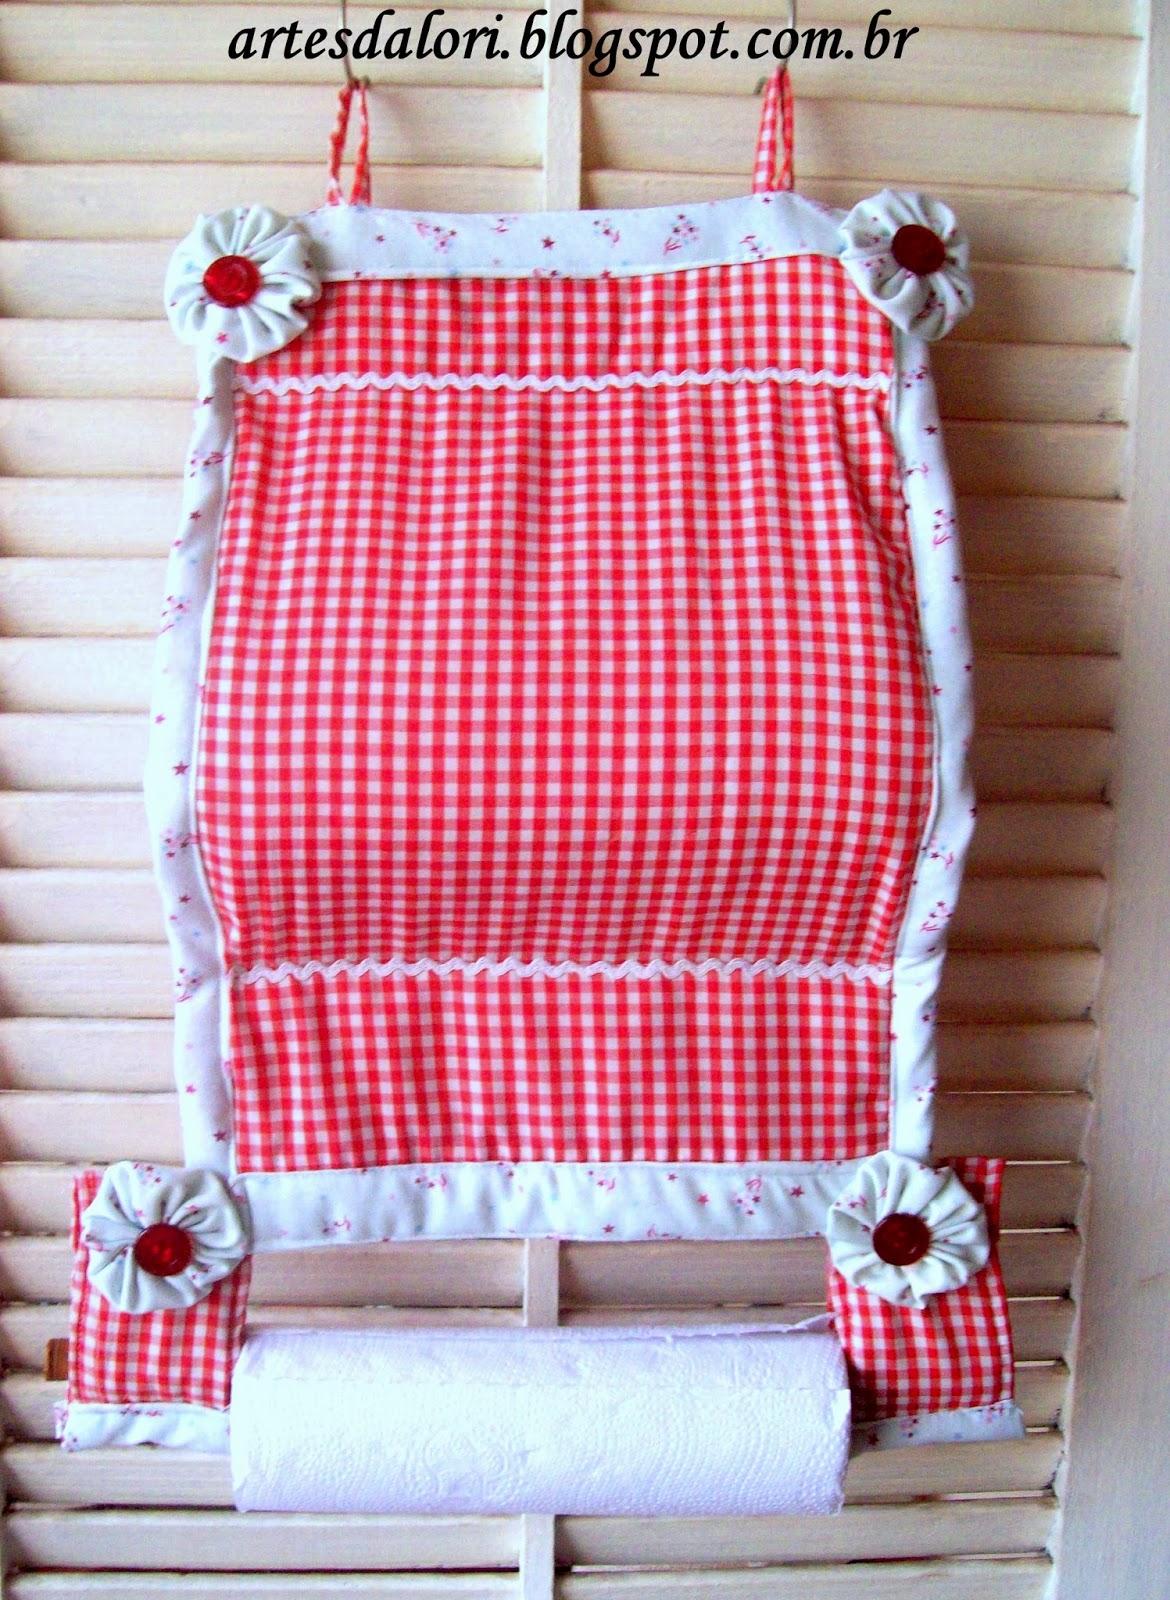 Suficiente Kit de Cozinha 5 PeçasArtes da Lori TO73